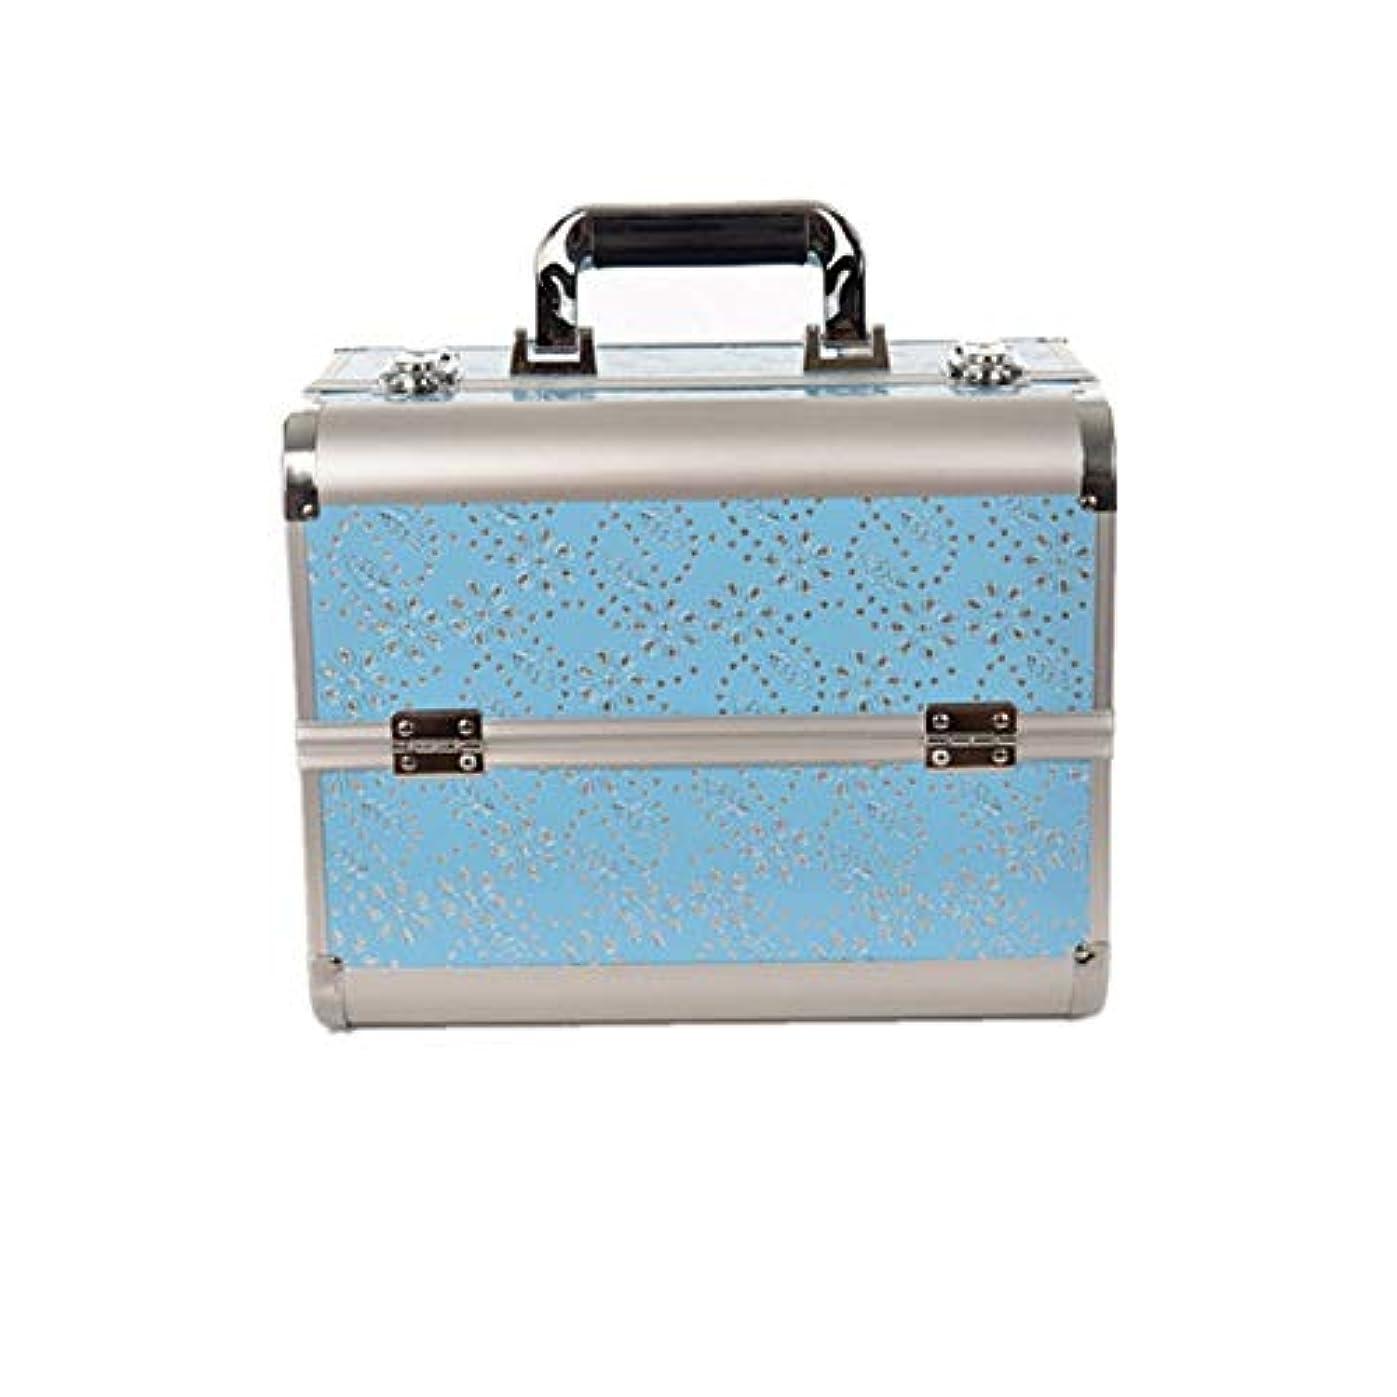 比べるドール時代遅れ化粧オーガナイザーバッグ 大容量ポータブル化粧ケース(トラベルアクセサリー用)シャンプーボディウォッシュパーソナルアイテム収納式 化粧品ケース